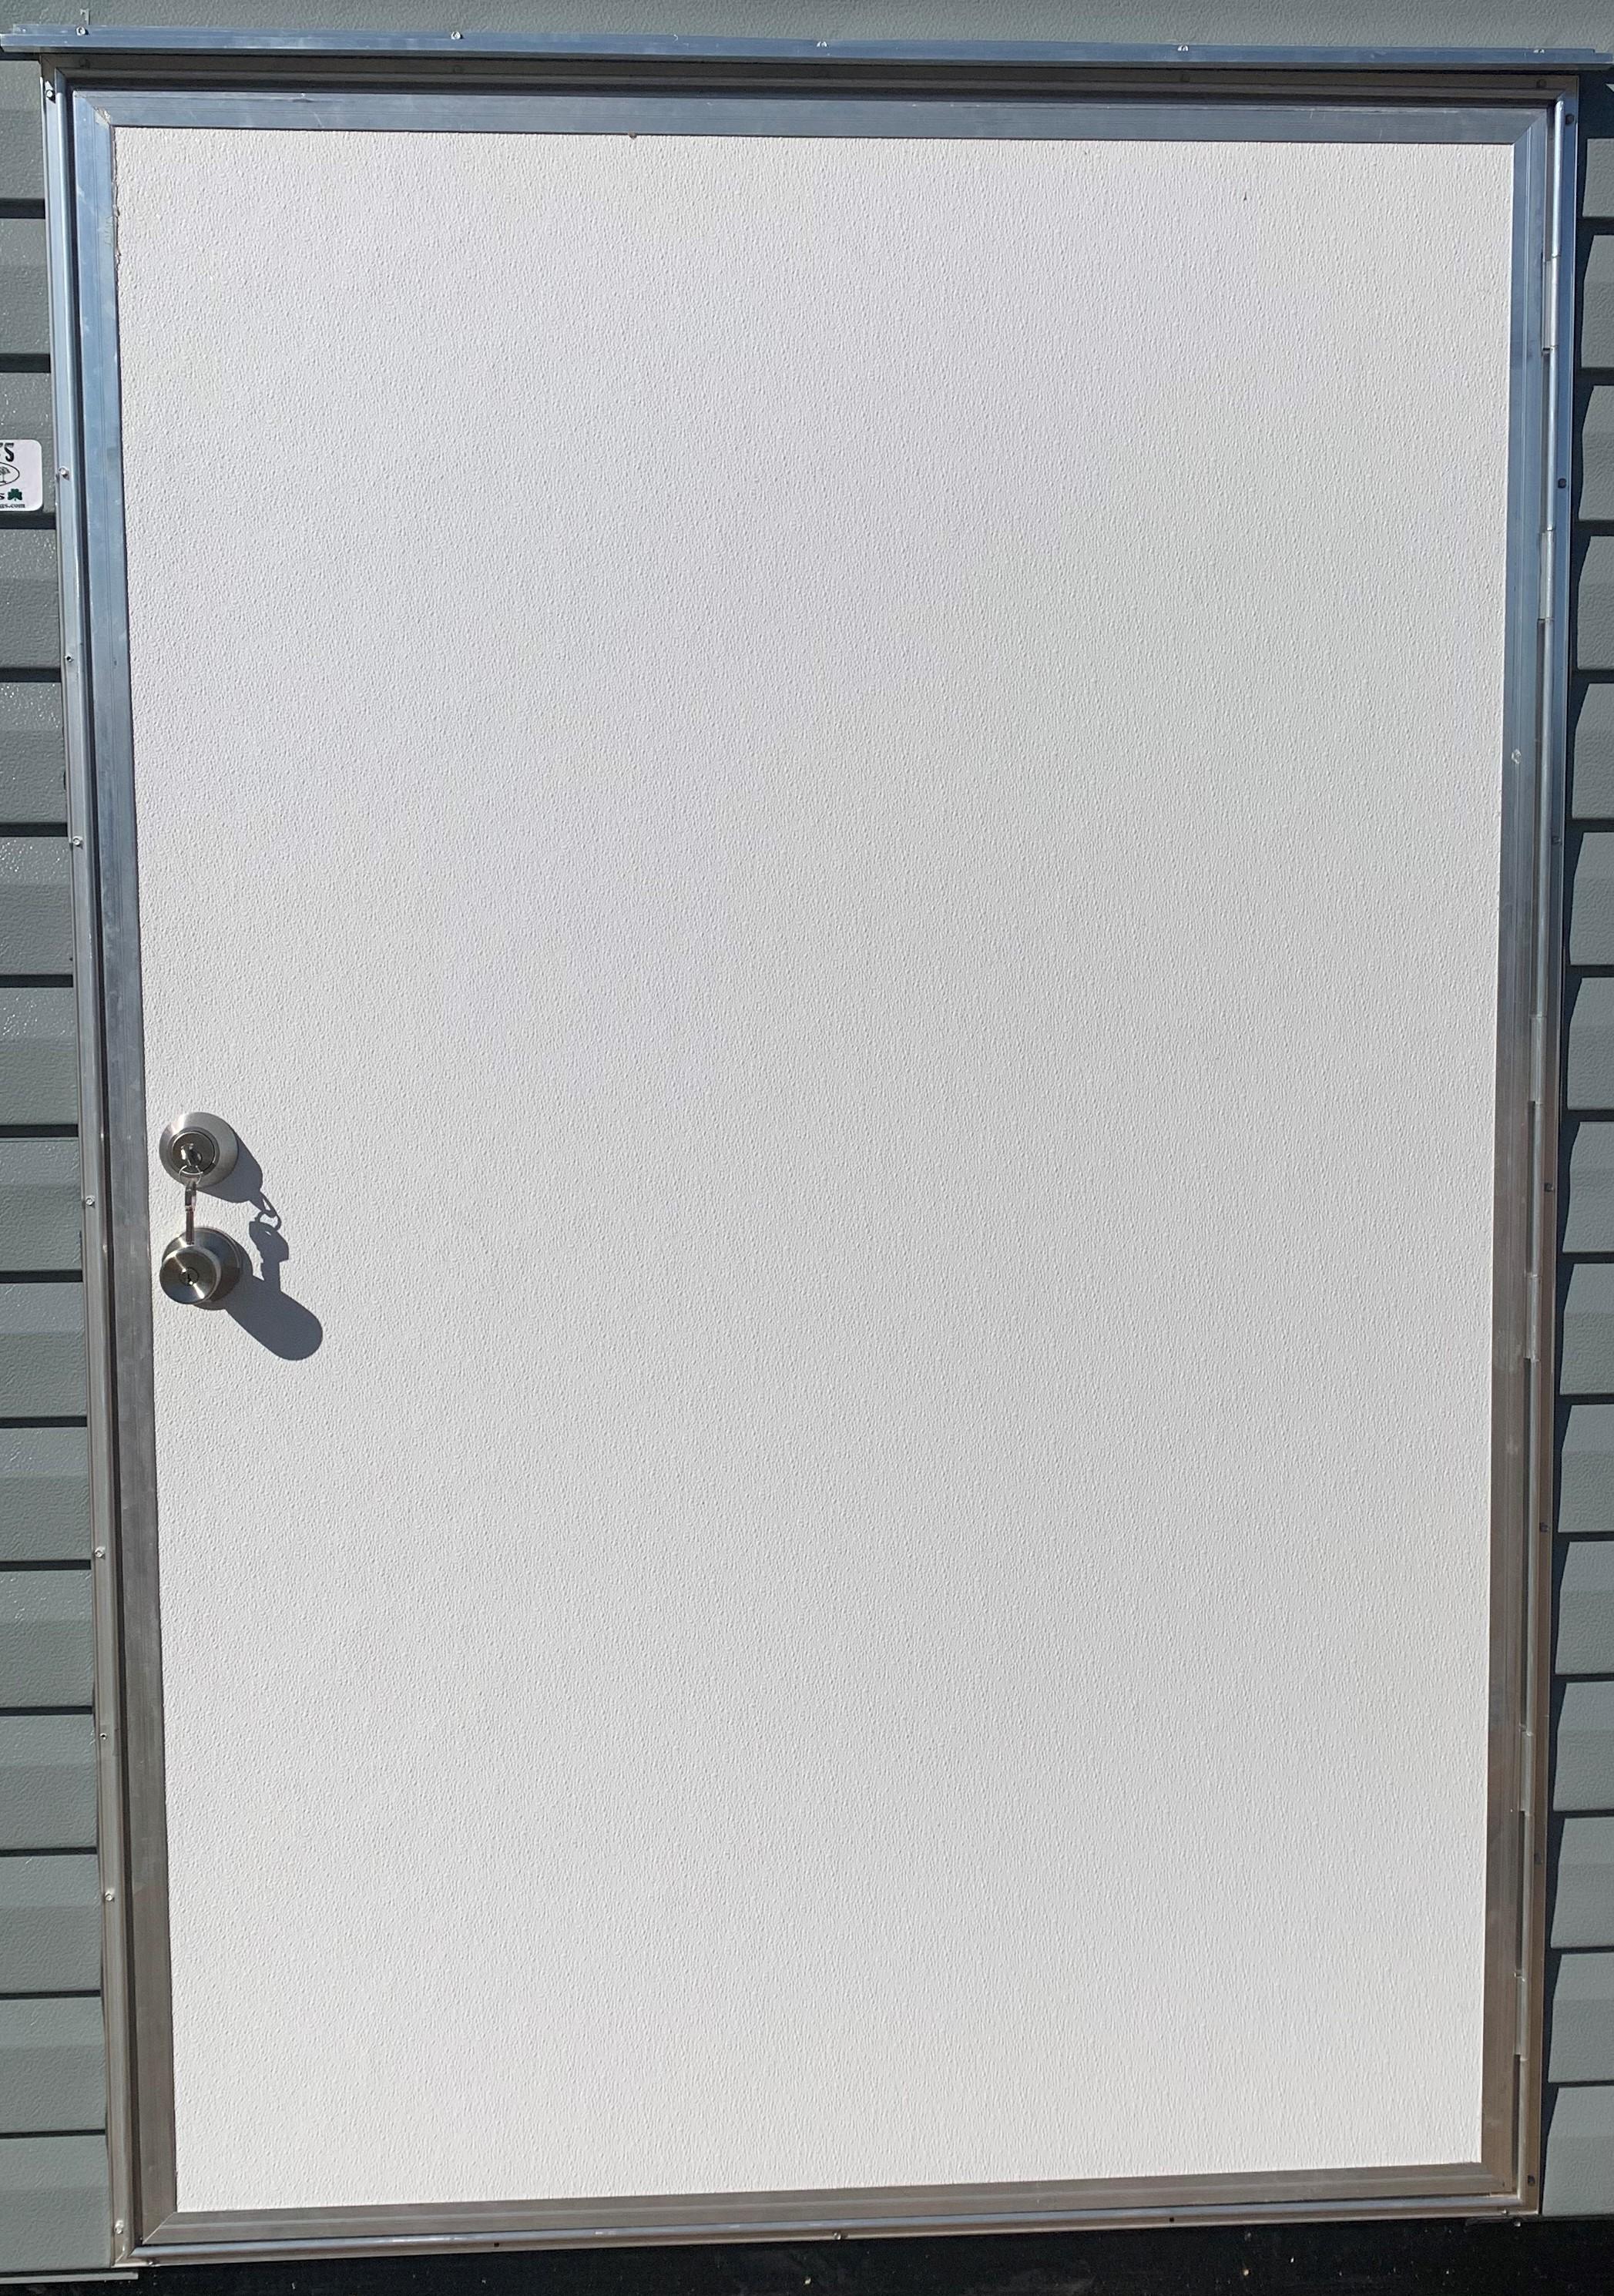 C Durchmesser /Ø 5mm x 1000mm Rundstahl St37 S235JRC+C blank gezogen h9